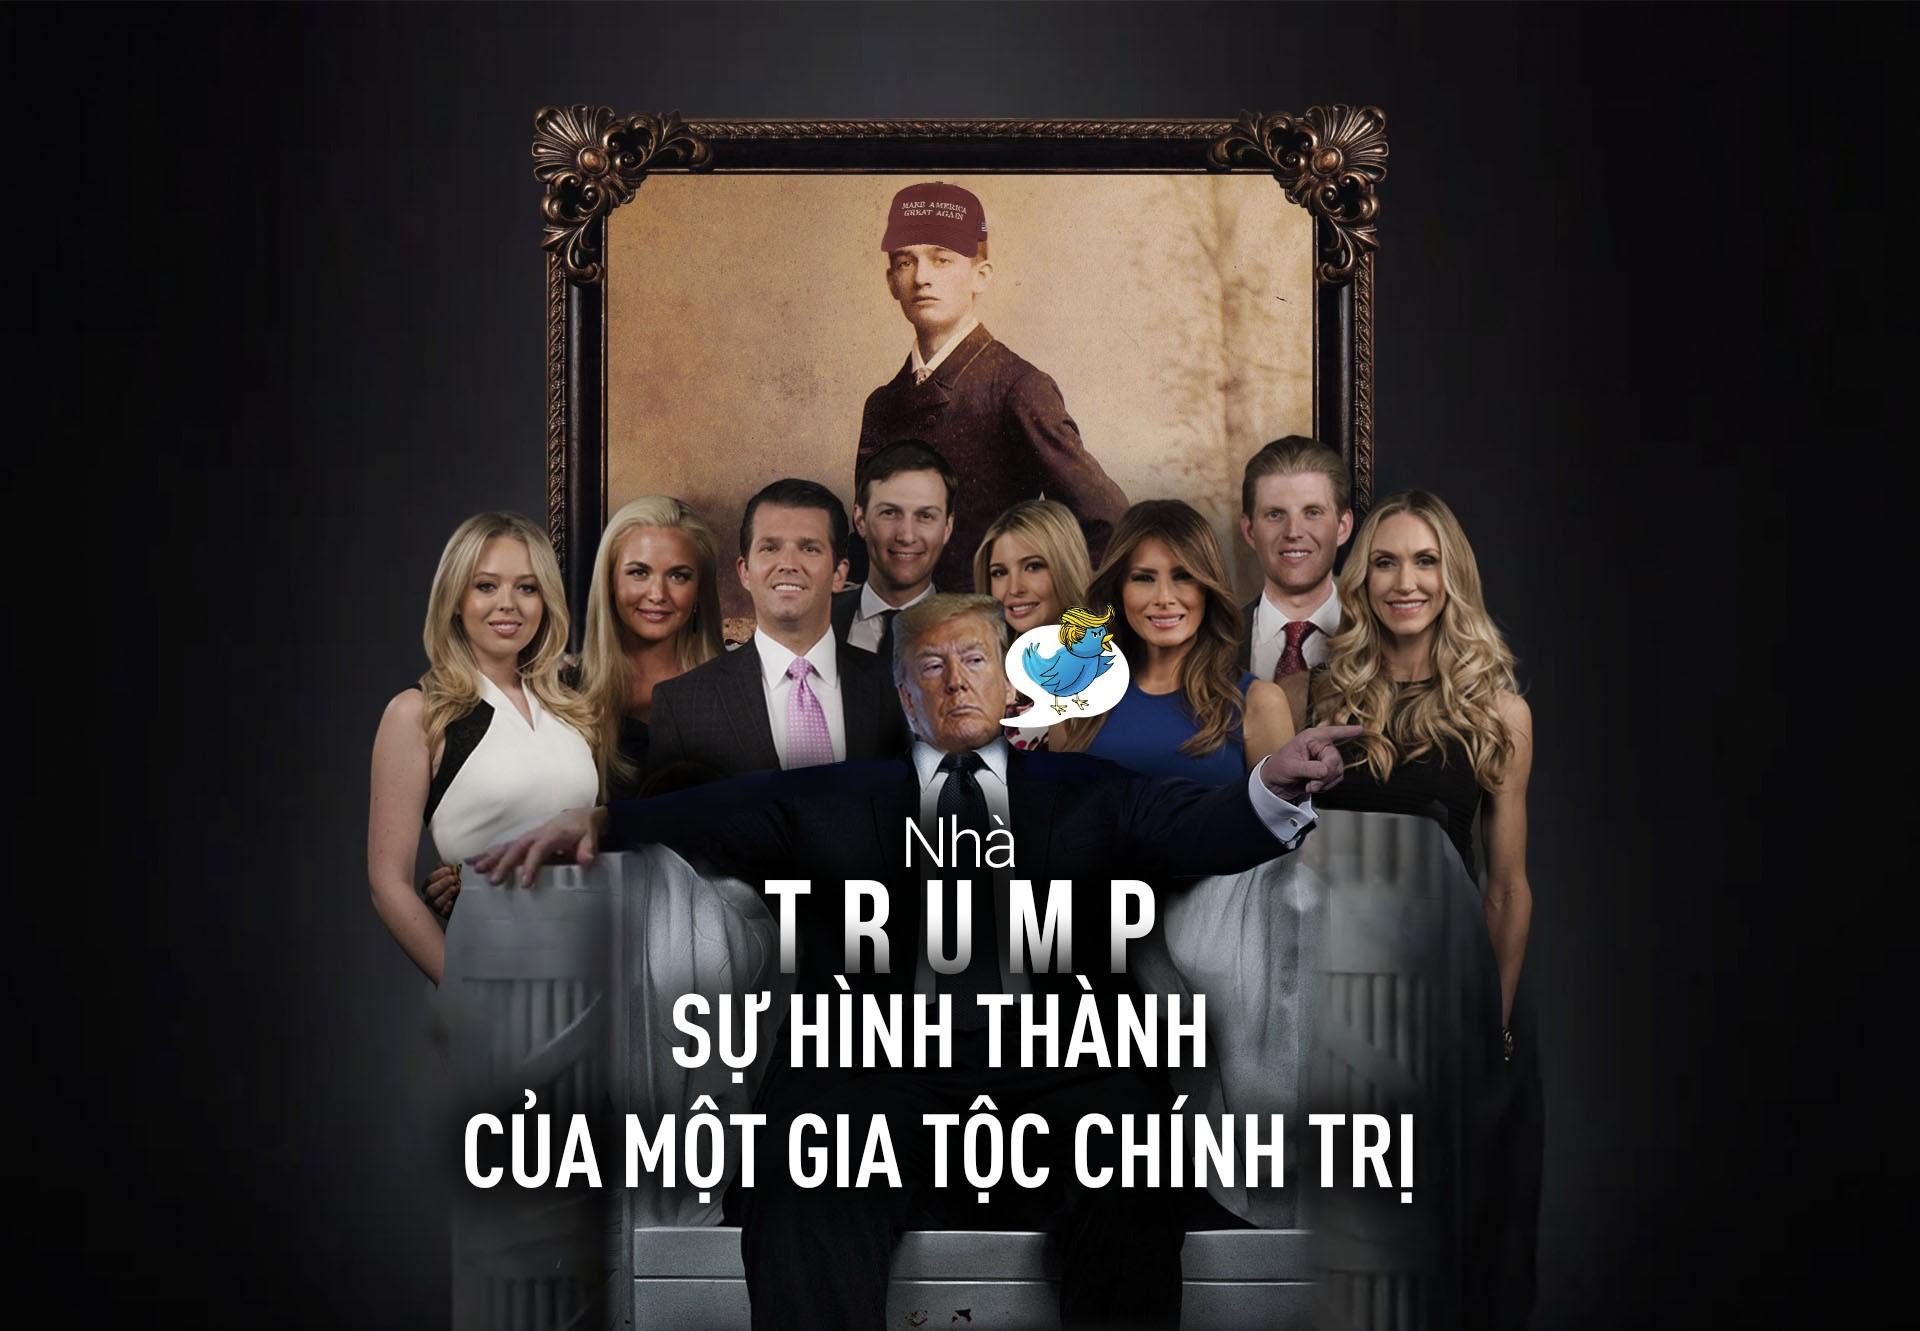 Nhà Trump - sự hình thành của một gia tộc chính trị